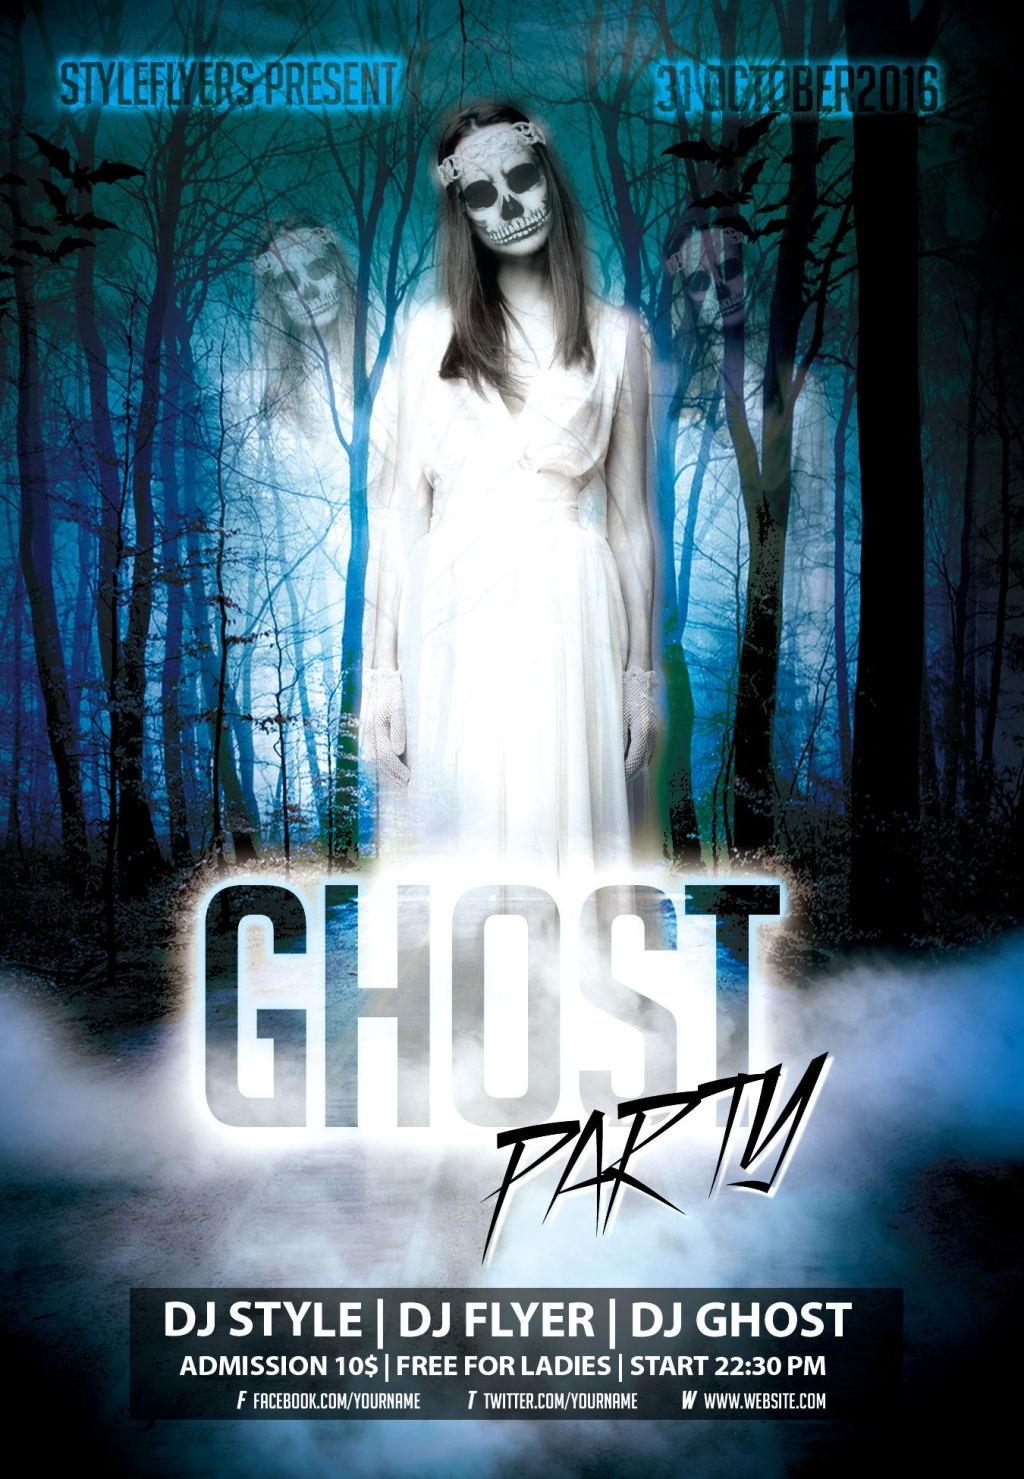 恐怖幽灵海报设计